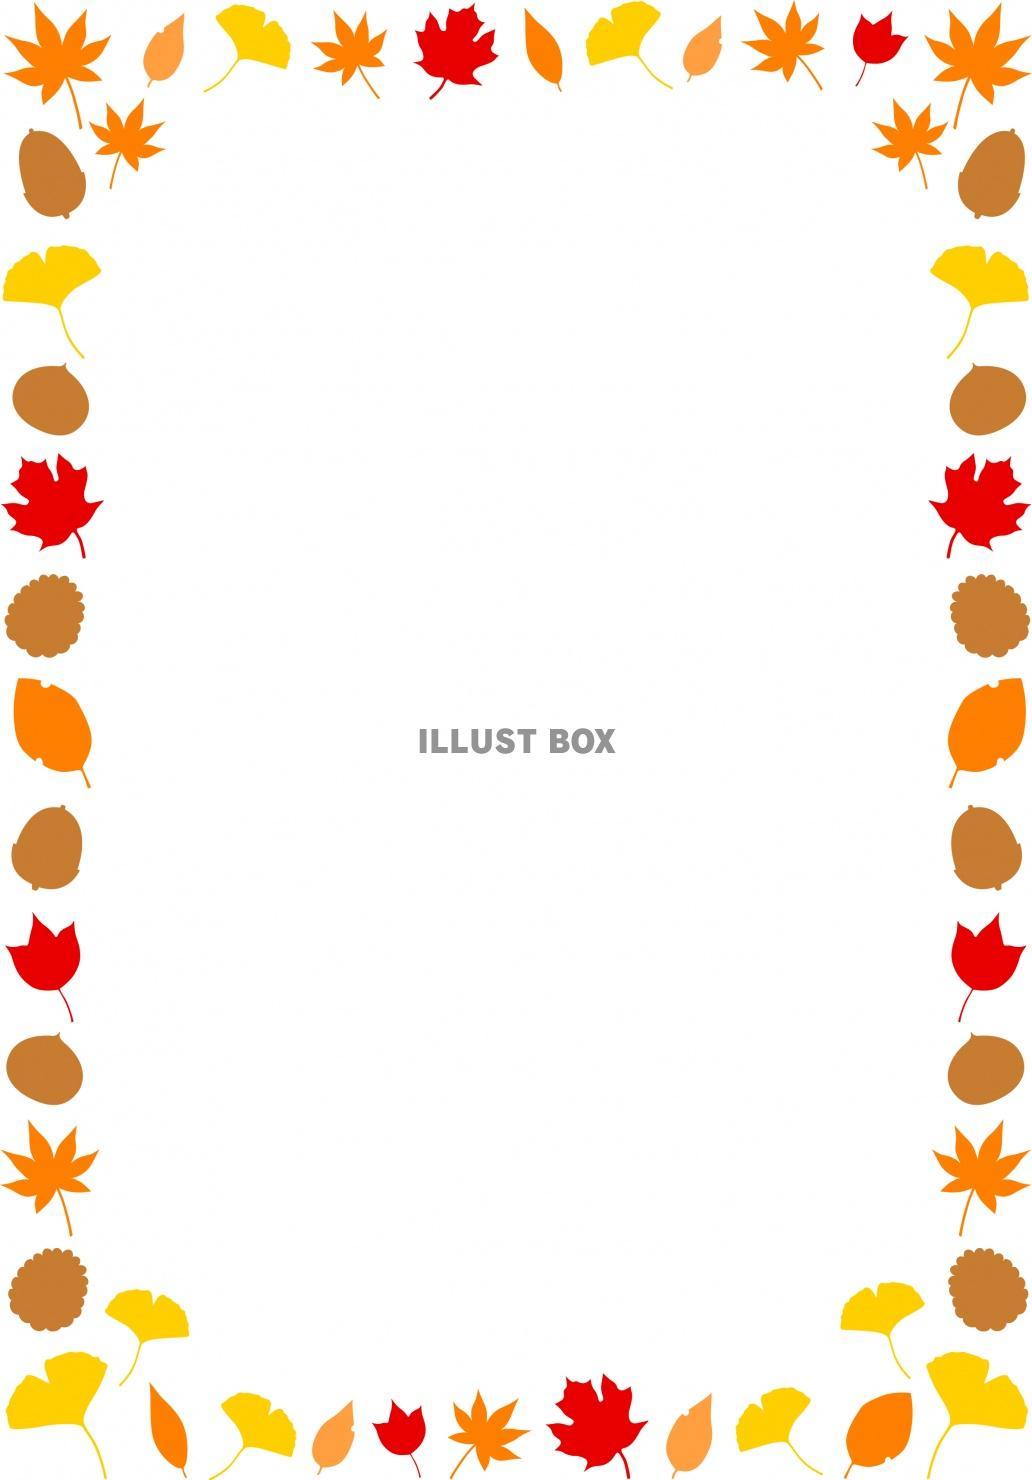 無料イラスト 秋の落ち葉のフレーム(縦)